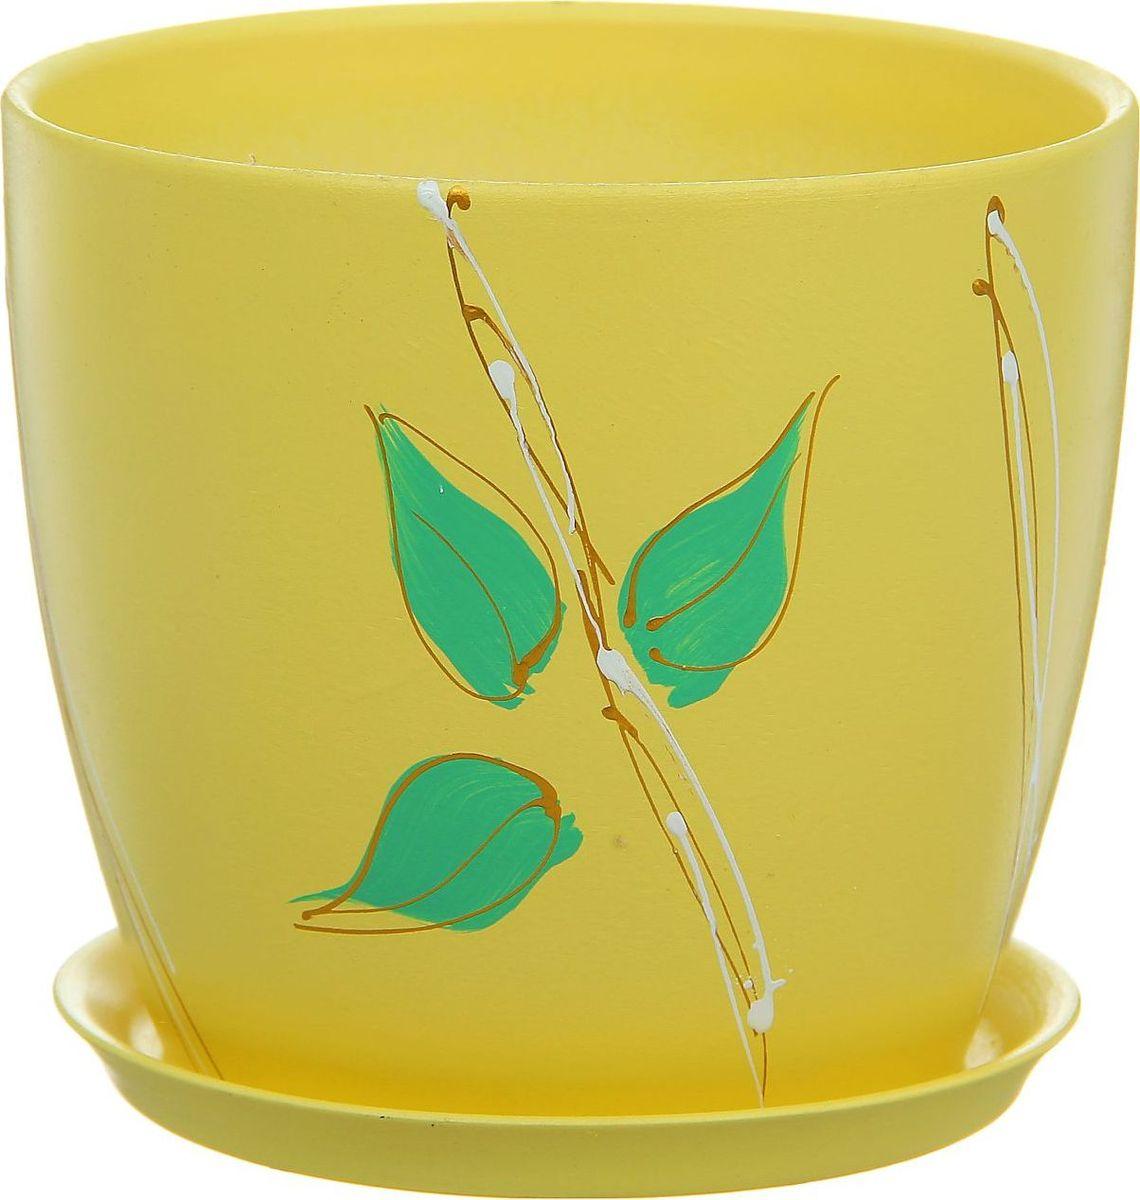 Кашпо Керамика ручной работы Осень. Роспись, цвет: желтый, 3 л1170379Комнатные растения — всеобщие любимцы. Они радуют глаз, насыщают помещение кислородом и украшают пространство. Каждому из них необходим свой удобный и красивый дом. Кашпо из керамики прекрасно подходят для высадки растений: за счет пластичности глины и разных способов обработки существует великое множество форм и дизайнов пористый материал позволяет испаряться лишней влаге воздух, необходимый для дыхания корней, проникает сквозь керамические стенки! позаботится о зеленом питомце, освежит интерьер и подчеркнет его стиль.